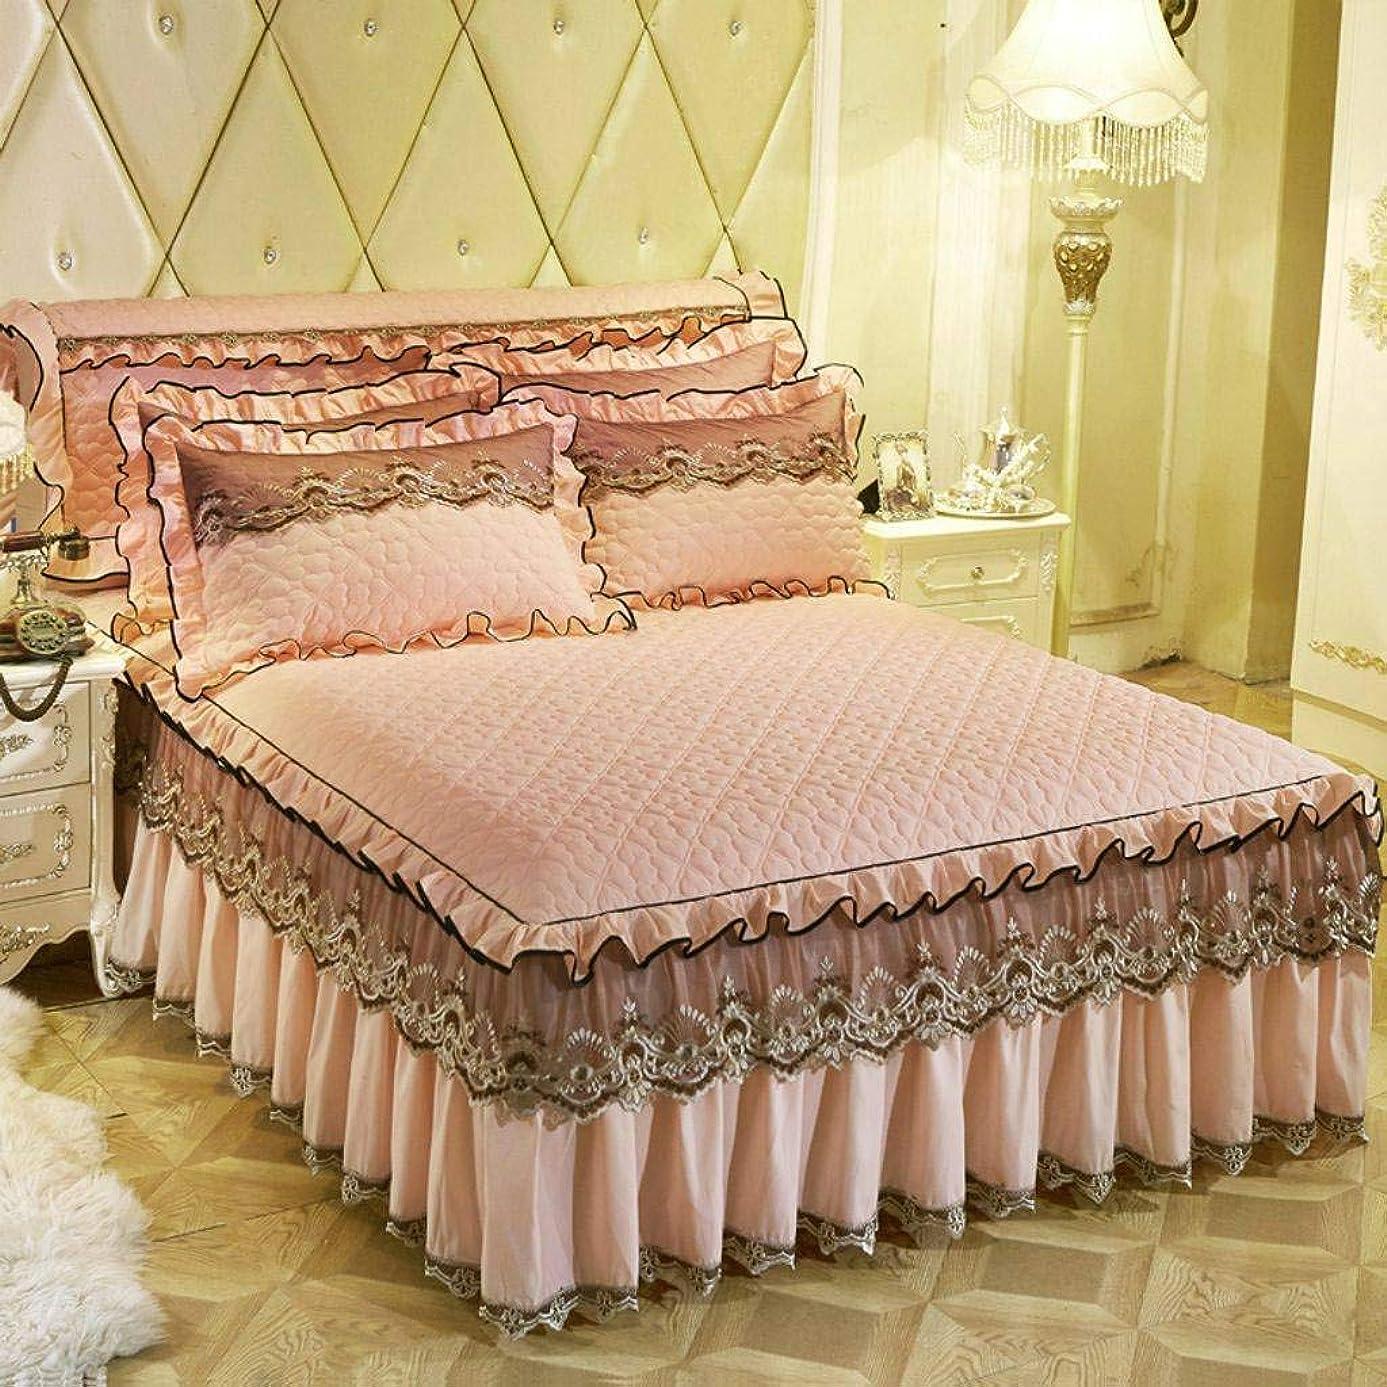 ポケットアベニューより多いQXJR 綿 レース製,花柄,ベッドスカート,ベッドカバー,ラップアラウンドスタイル,単色,いベッドスカート シングル シワ 寝具 ベッド用品-翡翠-180*200cmB